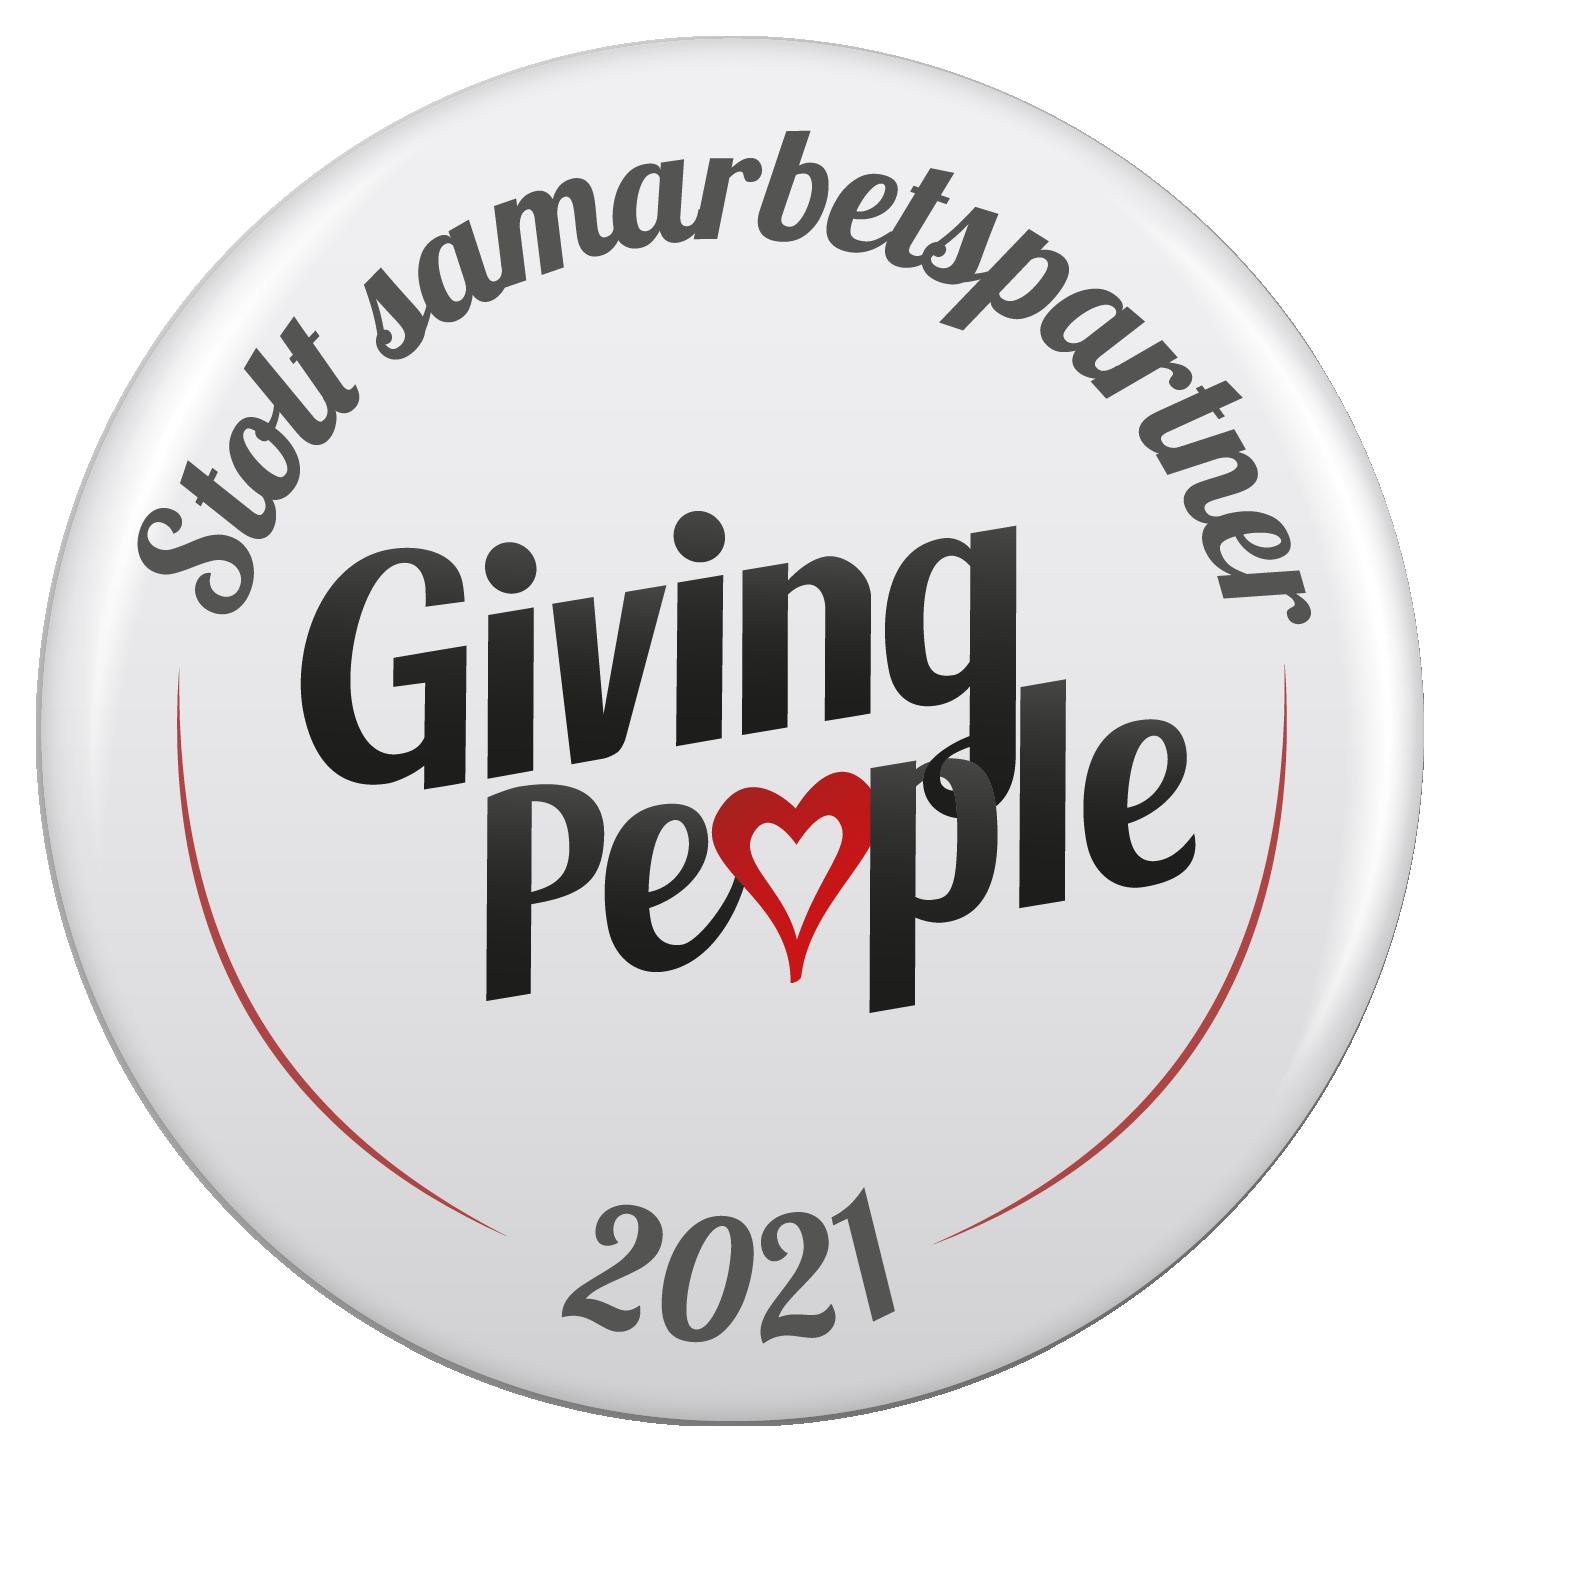 Sponsring Giving People Samarbete